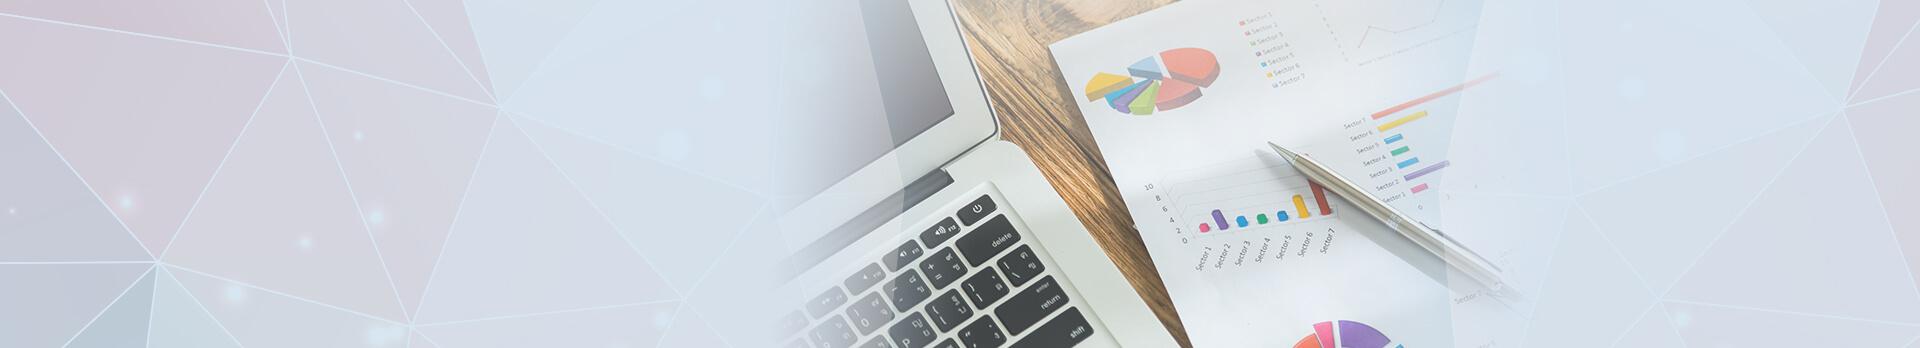 Webstudio Friendly настраивает и обслуживает рекламную кампанию сайта в google adwords